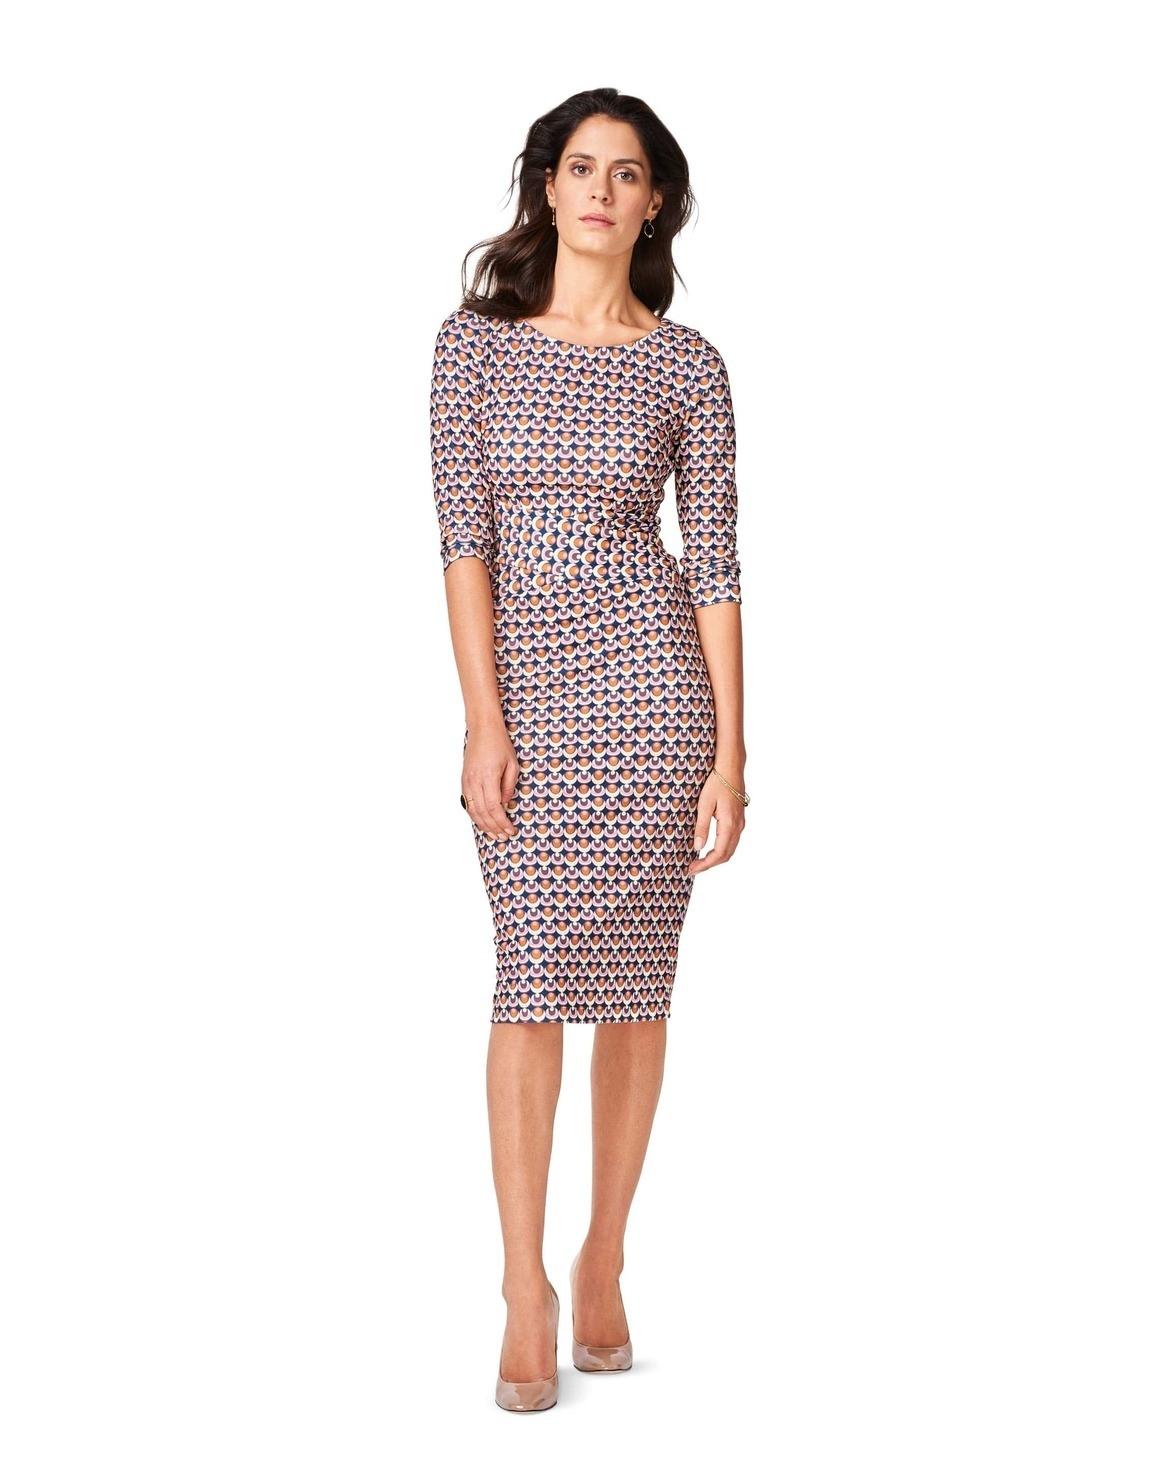 Perfekt Etuikleid Abendkleid Vertrieb15 Kreativ Etuikleid Abendkleid Ärmel